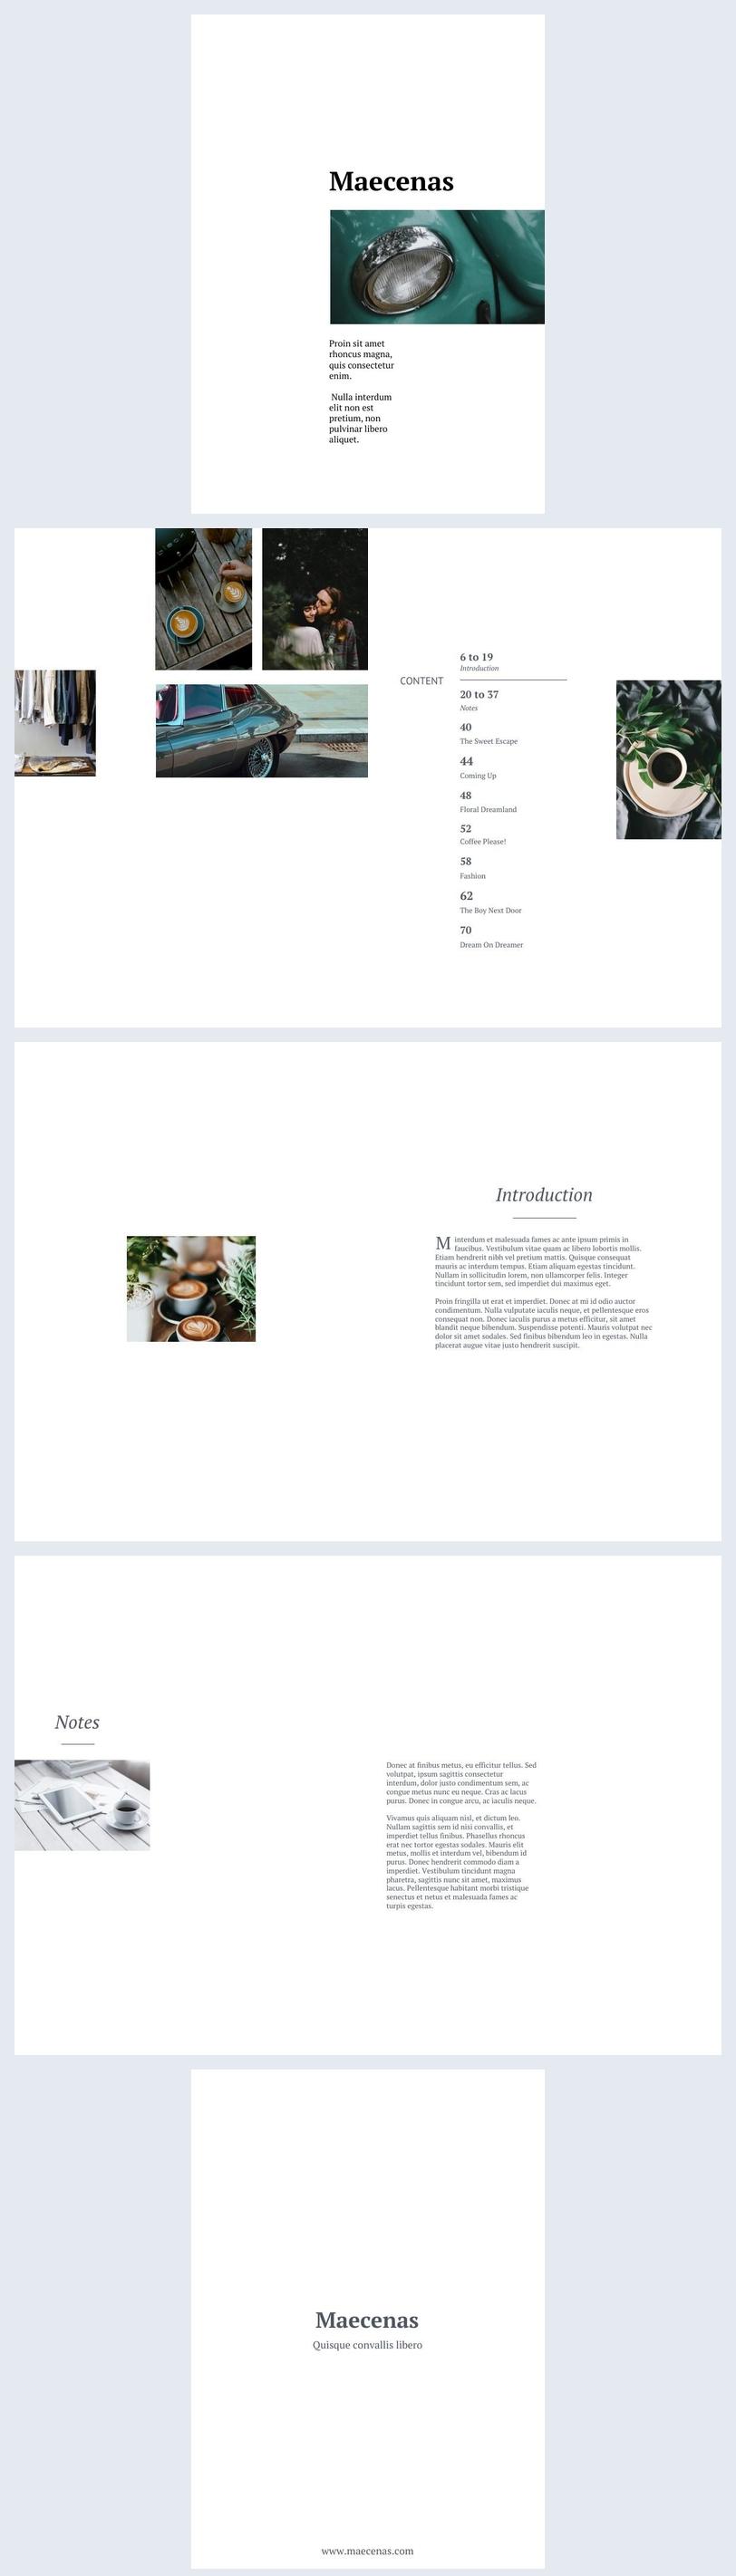 Minimalist Promotional Brochure